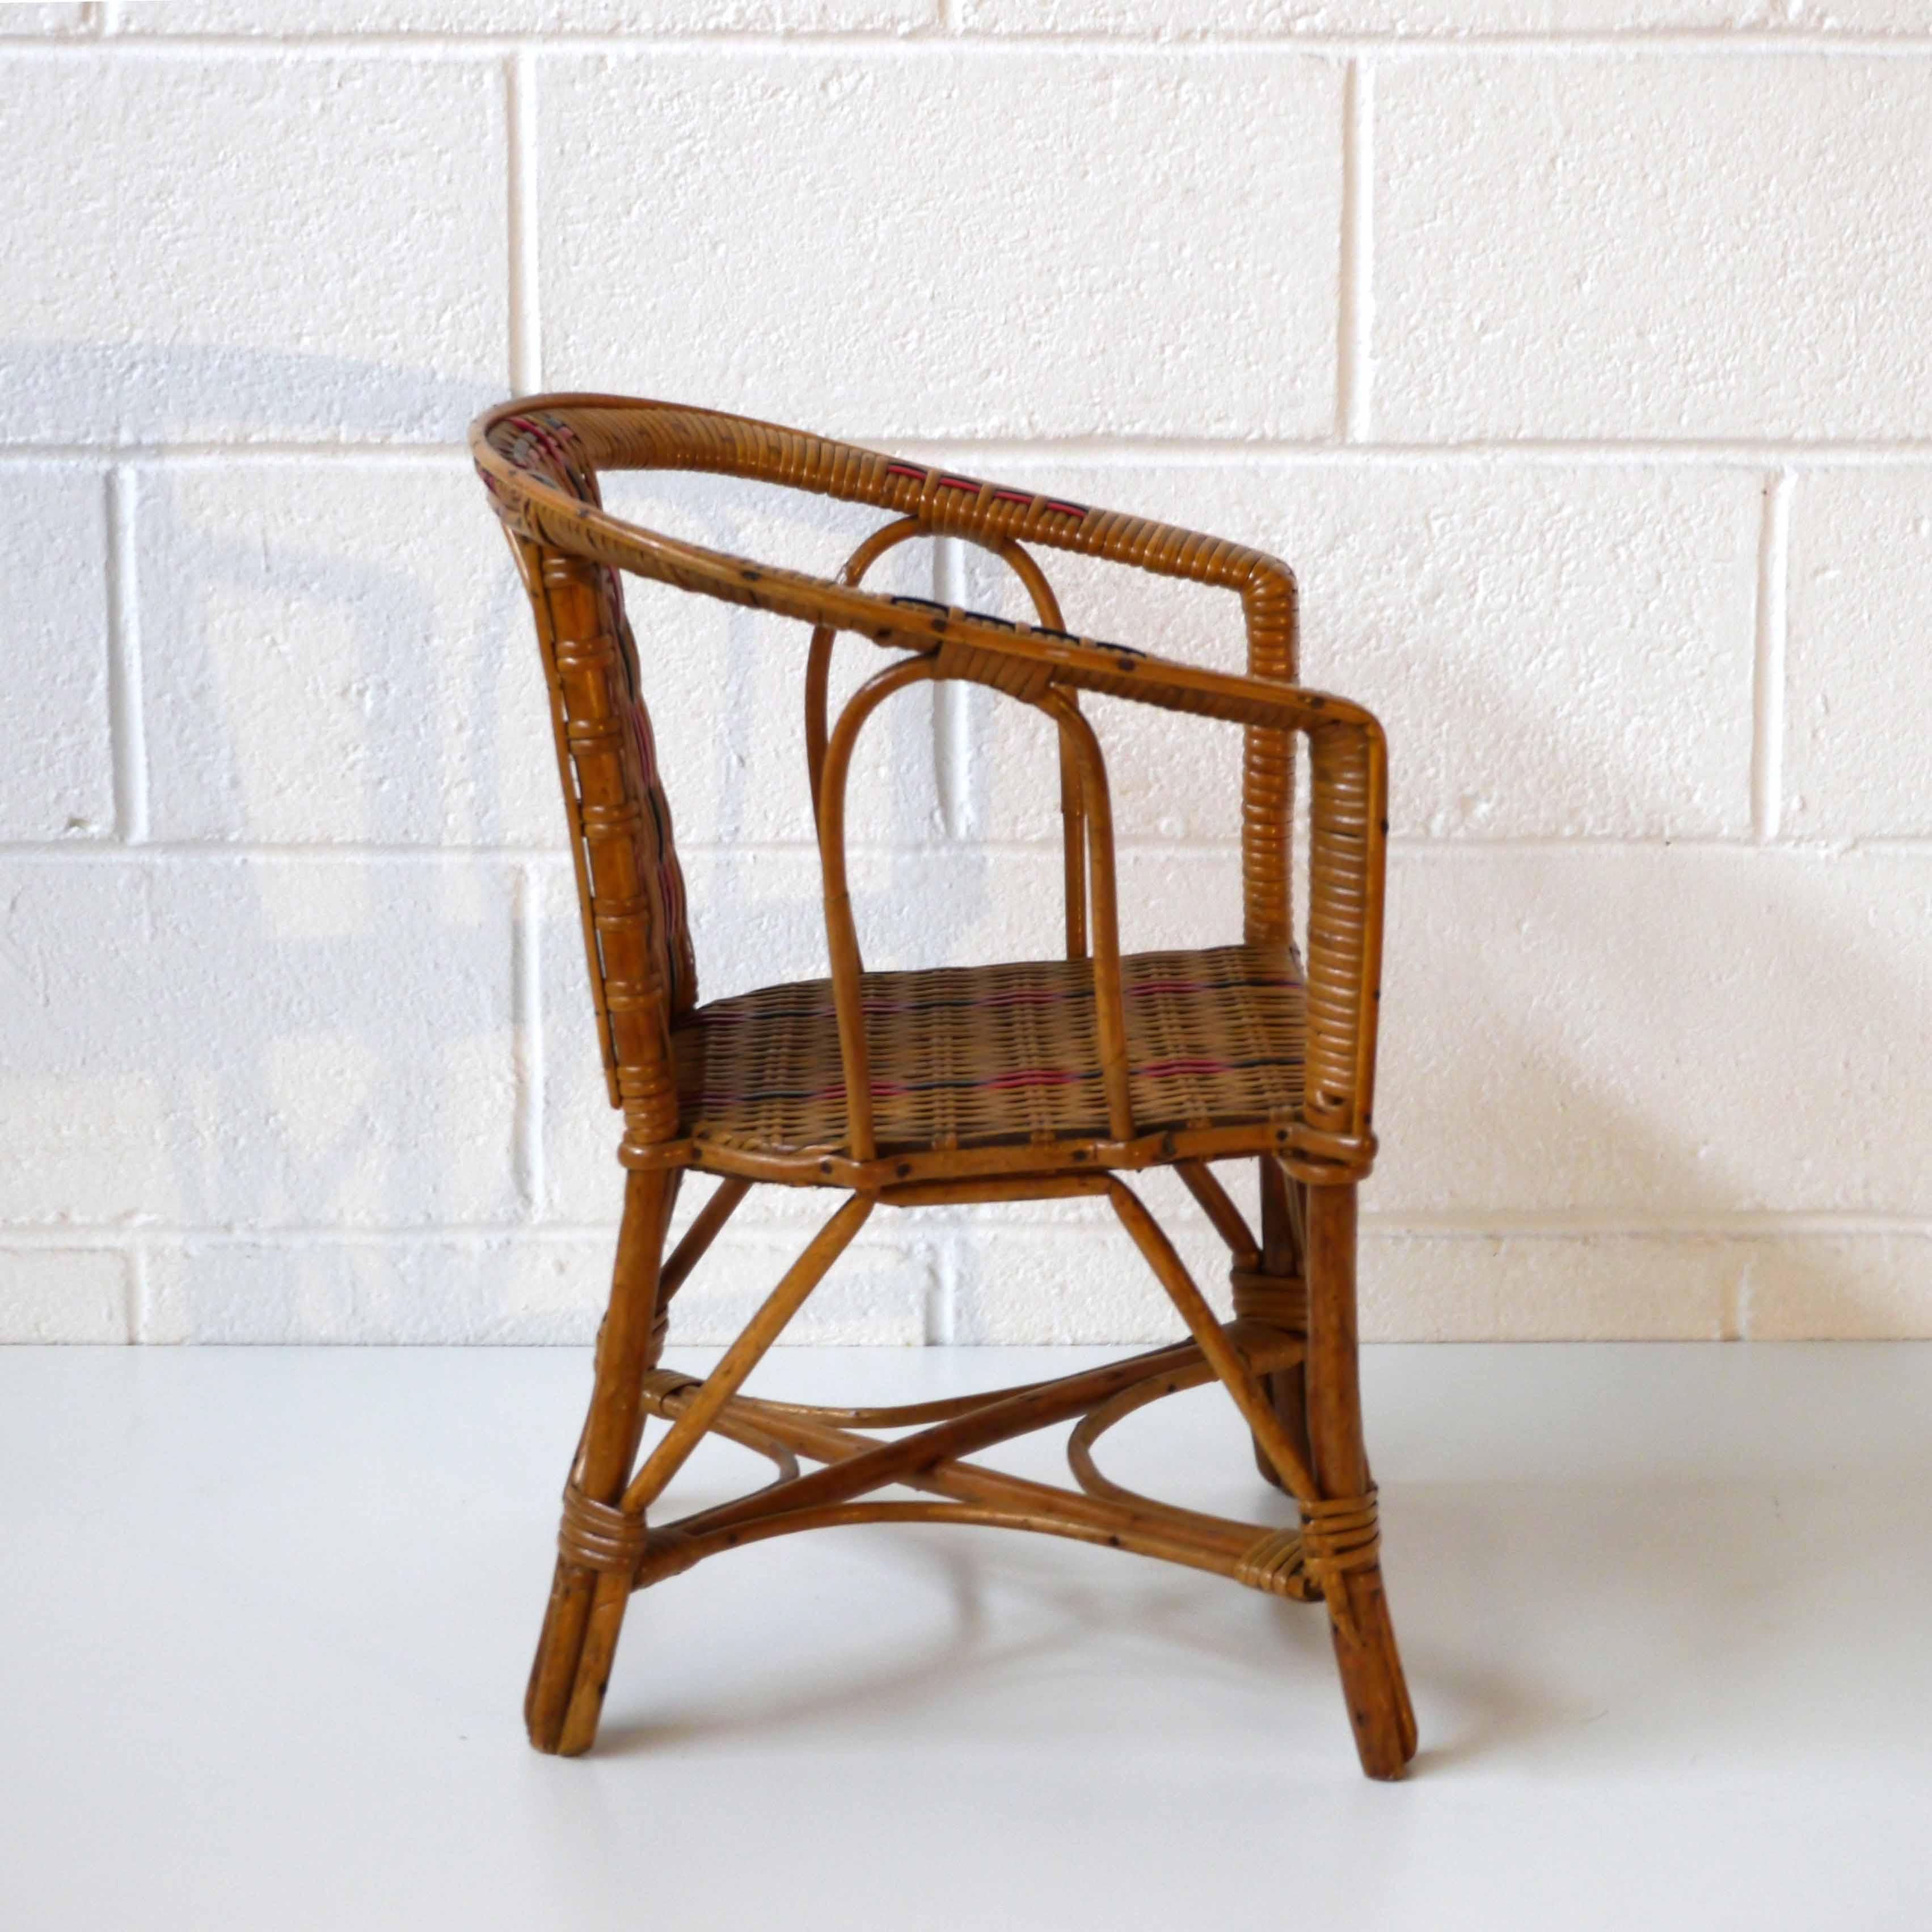 fauteuil enfant osier la marelle mobilier vintage pour enfants. Black Bedroom Furniture Sets. Home Design Ideas